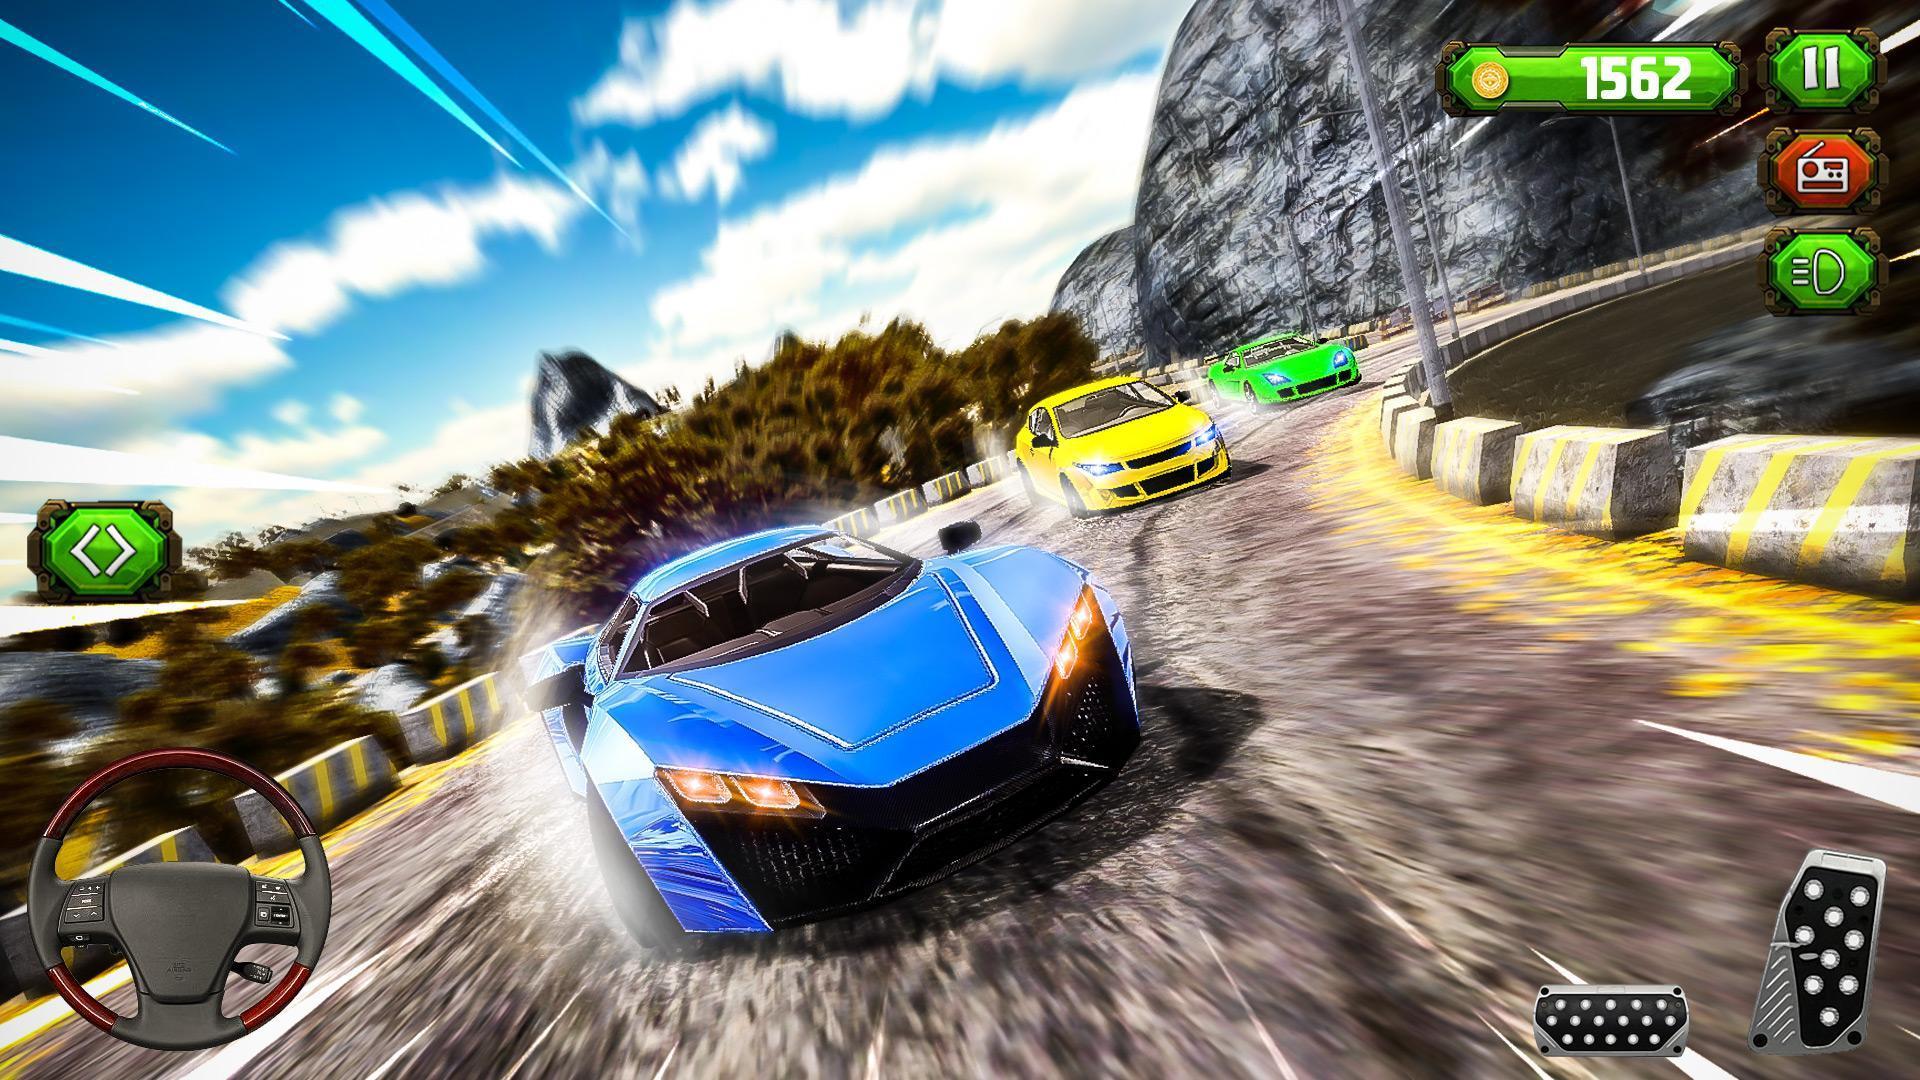 Jeux De Voiture 2020: Jeu De Course Automobile Pour Android avec Jeux De Voiture En Course